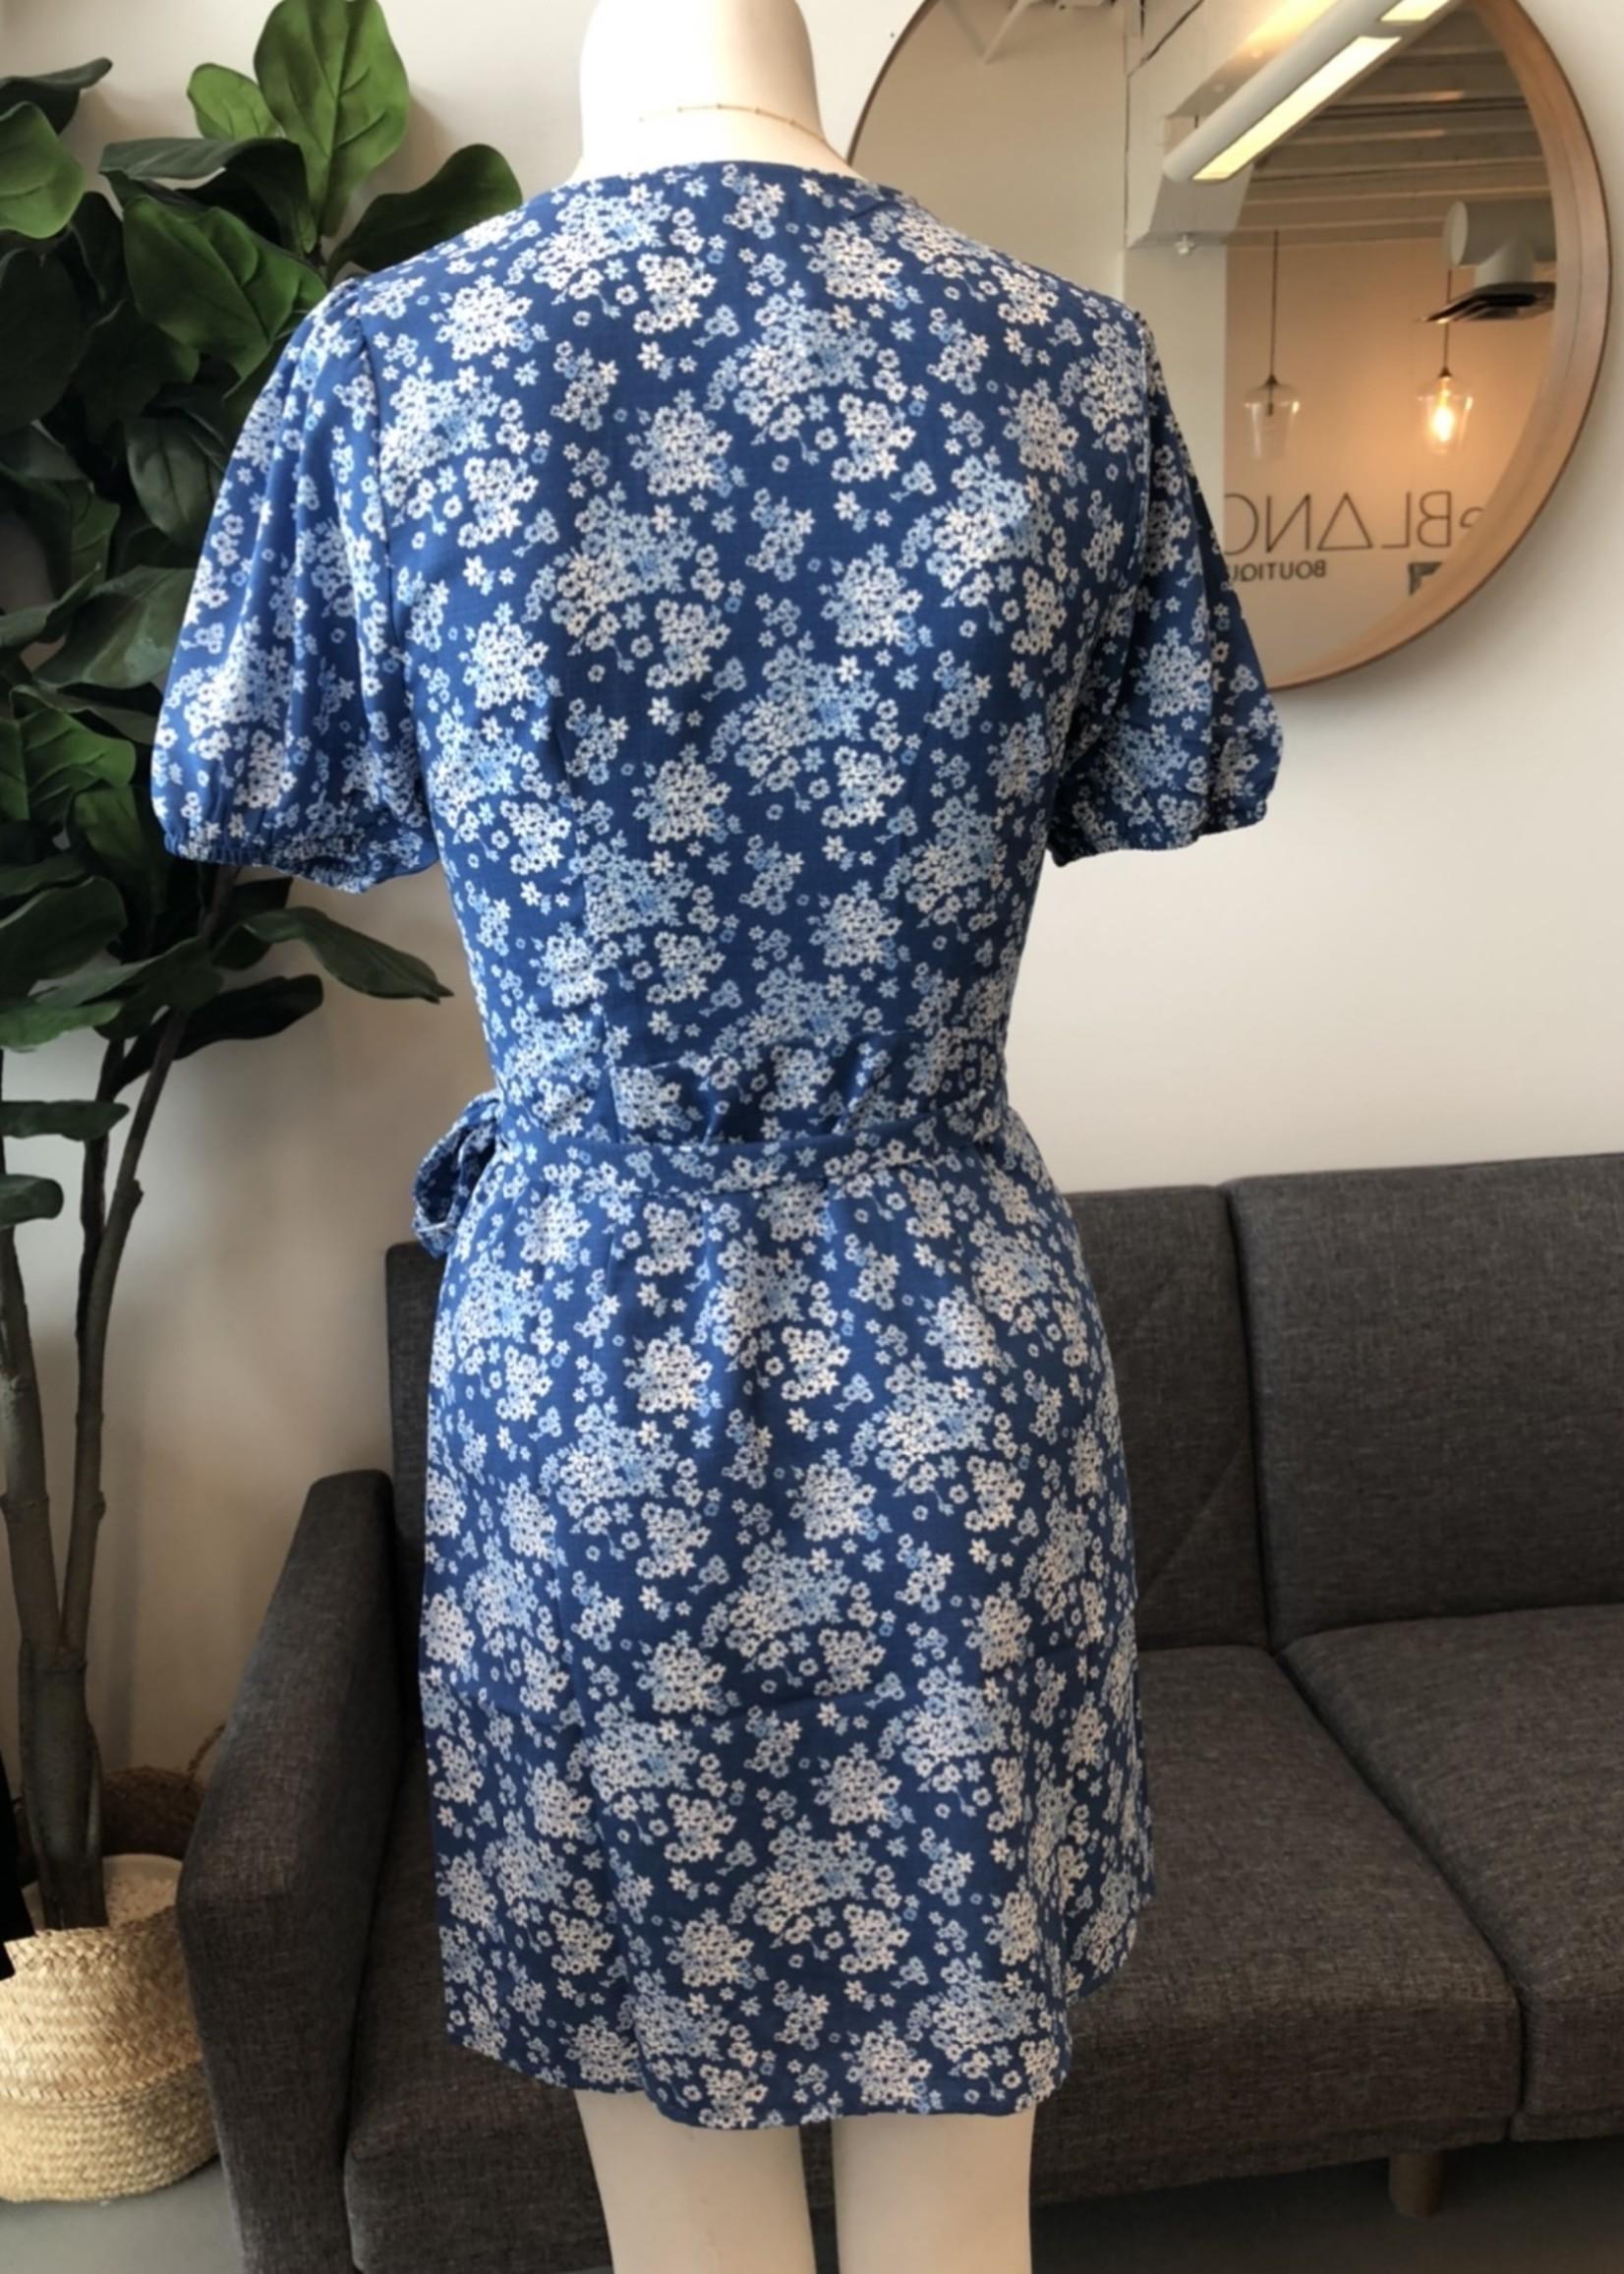 LeBLANC finds Floral Wrap Dress